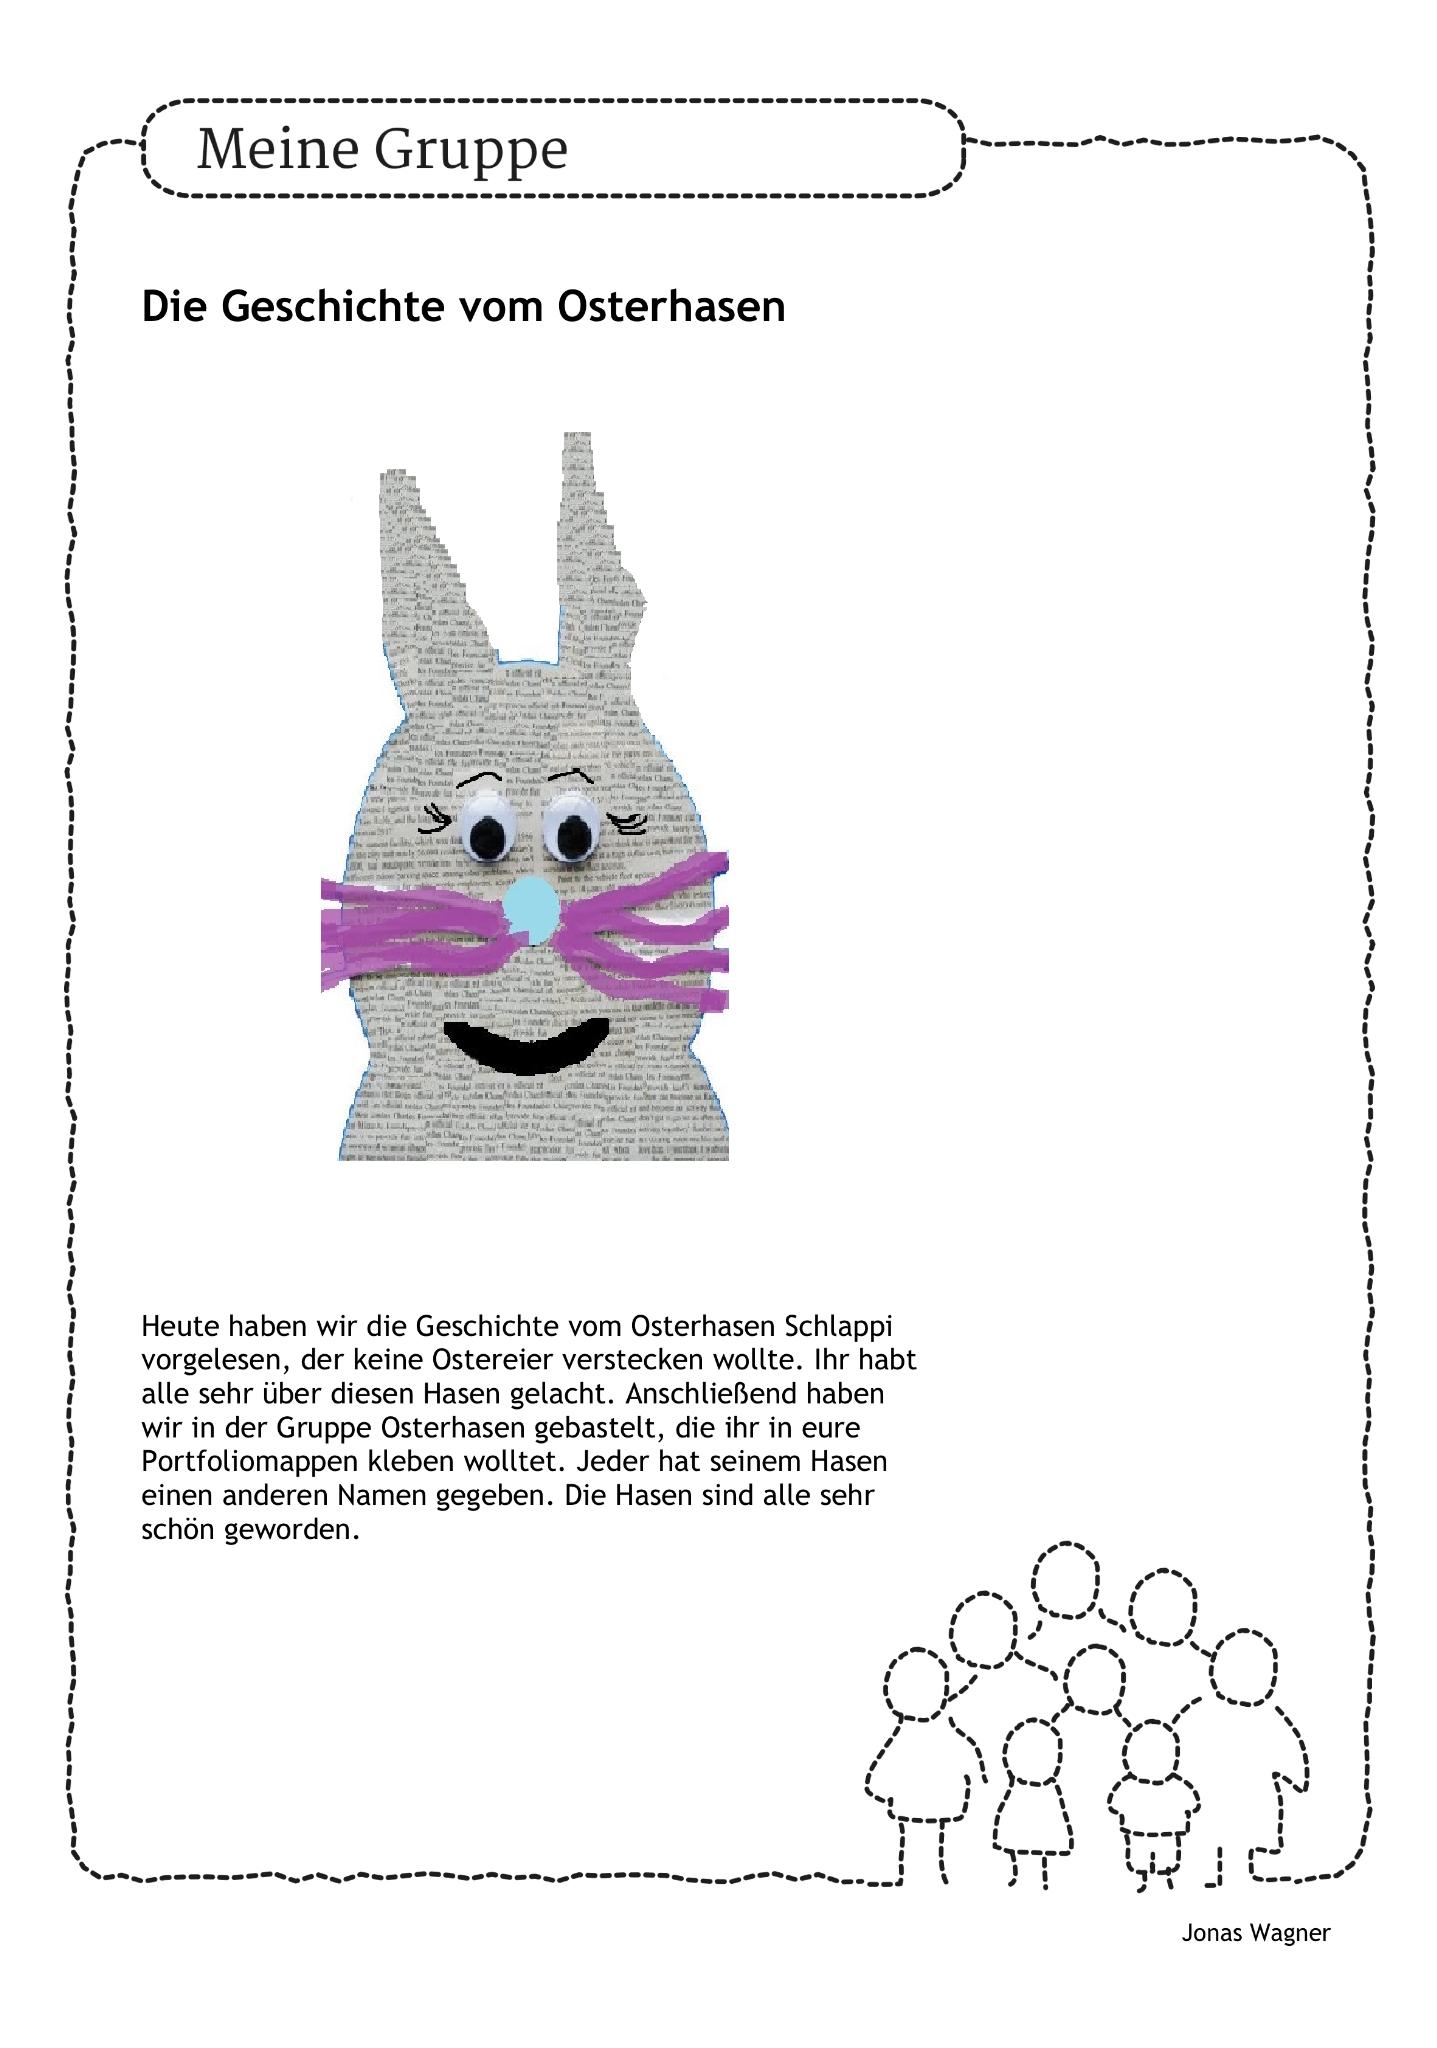 Diy Osterhase Portfolio Thementag Kinder Kindergarten Erzieher Erzieherin Kindi Arbeit Ostern Osterfest Por Osterhase Entwicklung Kleinkind Kinder